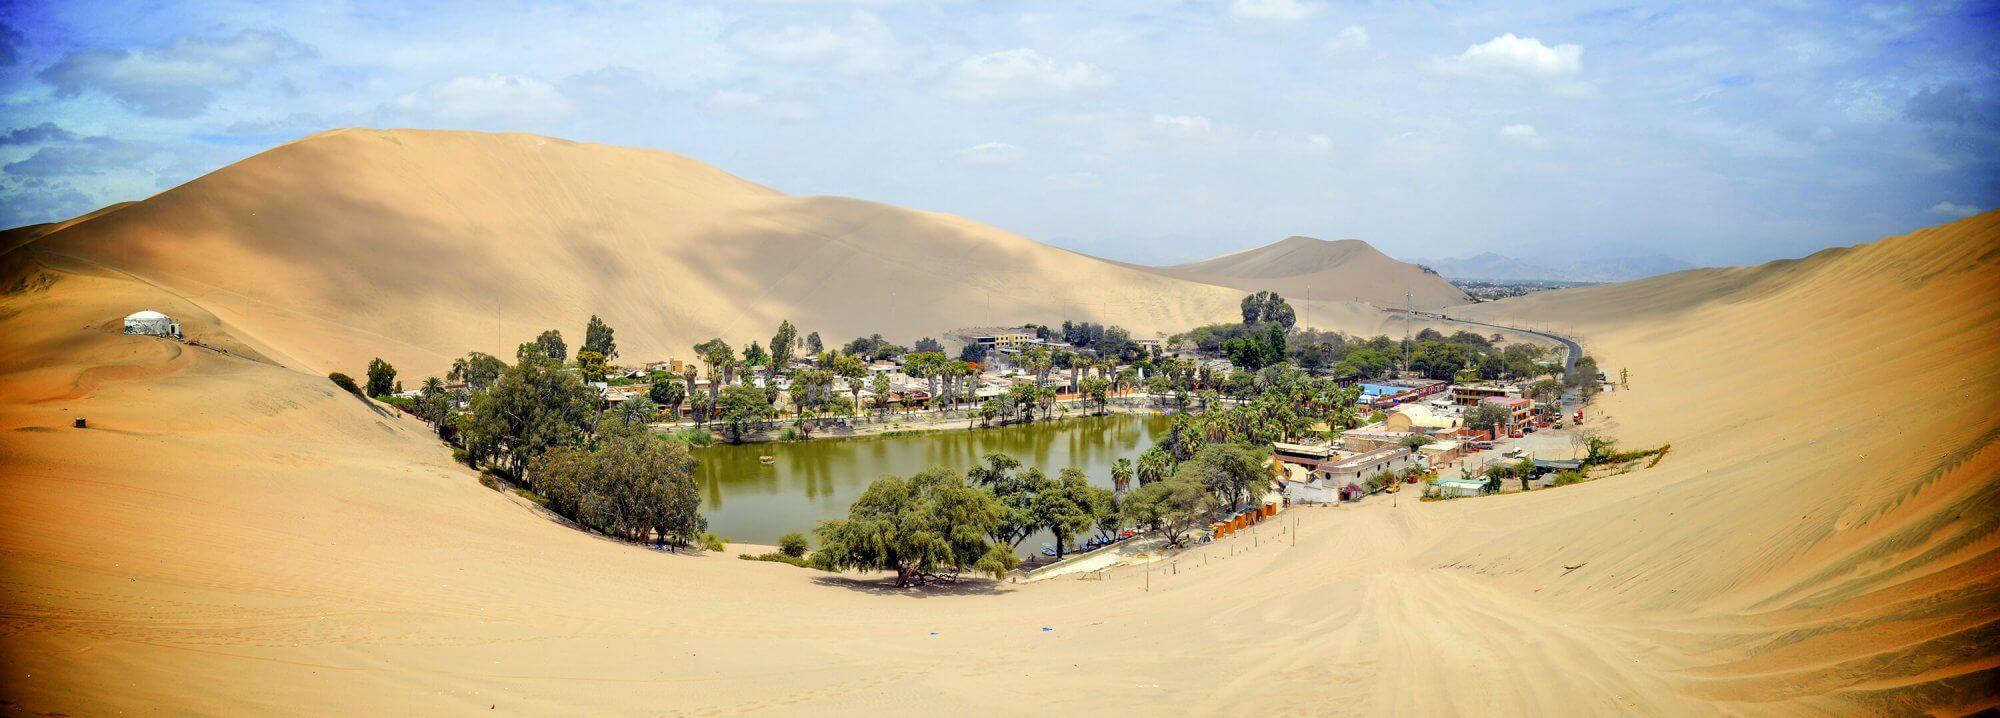 Huacachina in Peru is een prachtige oase tussen de zandduinen